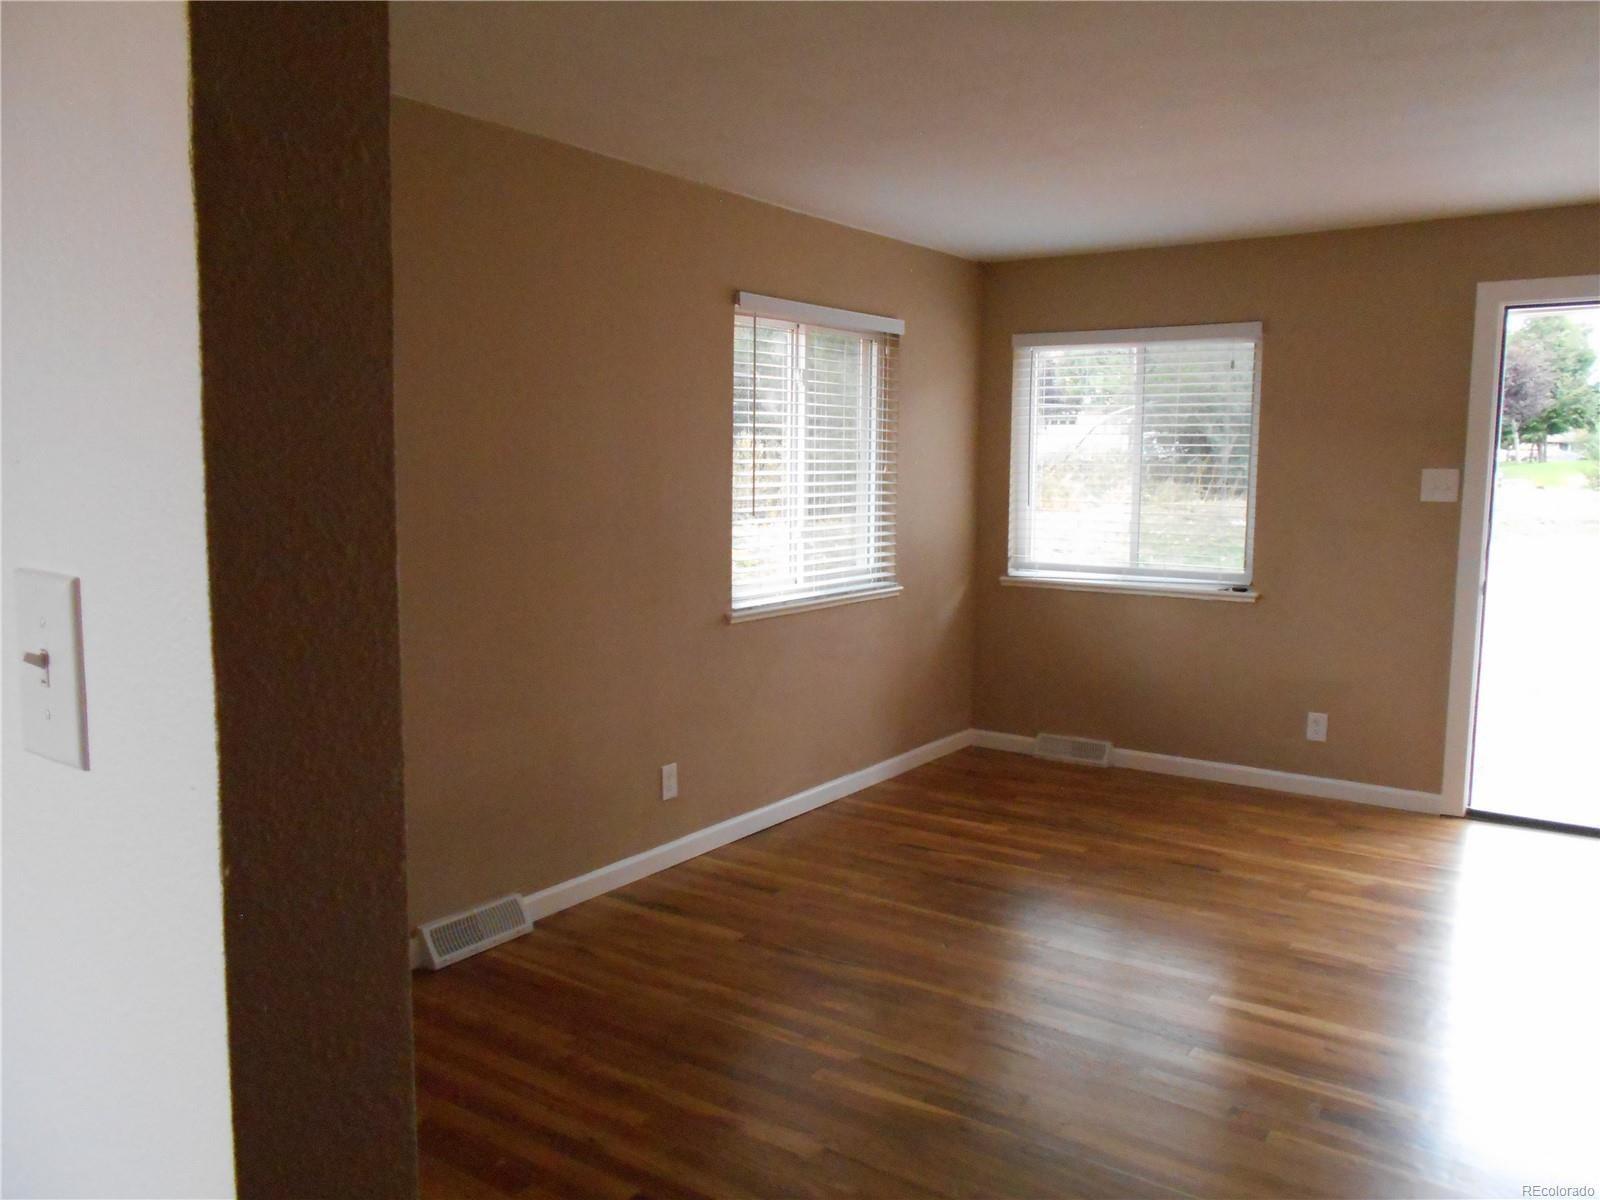 MLS# 7620940 - 8 - 166 S Kendall Street, Lakewood, CO 80226